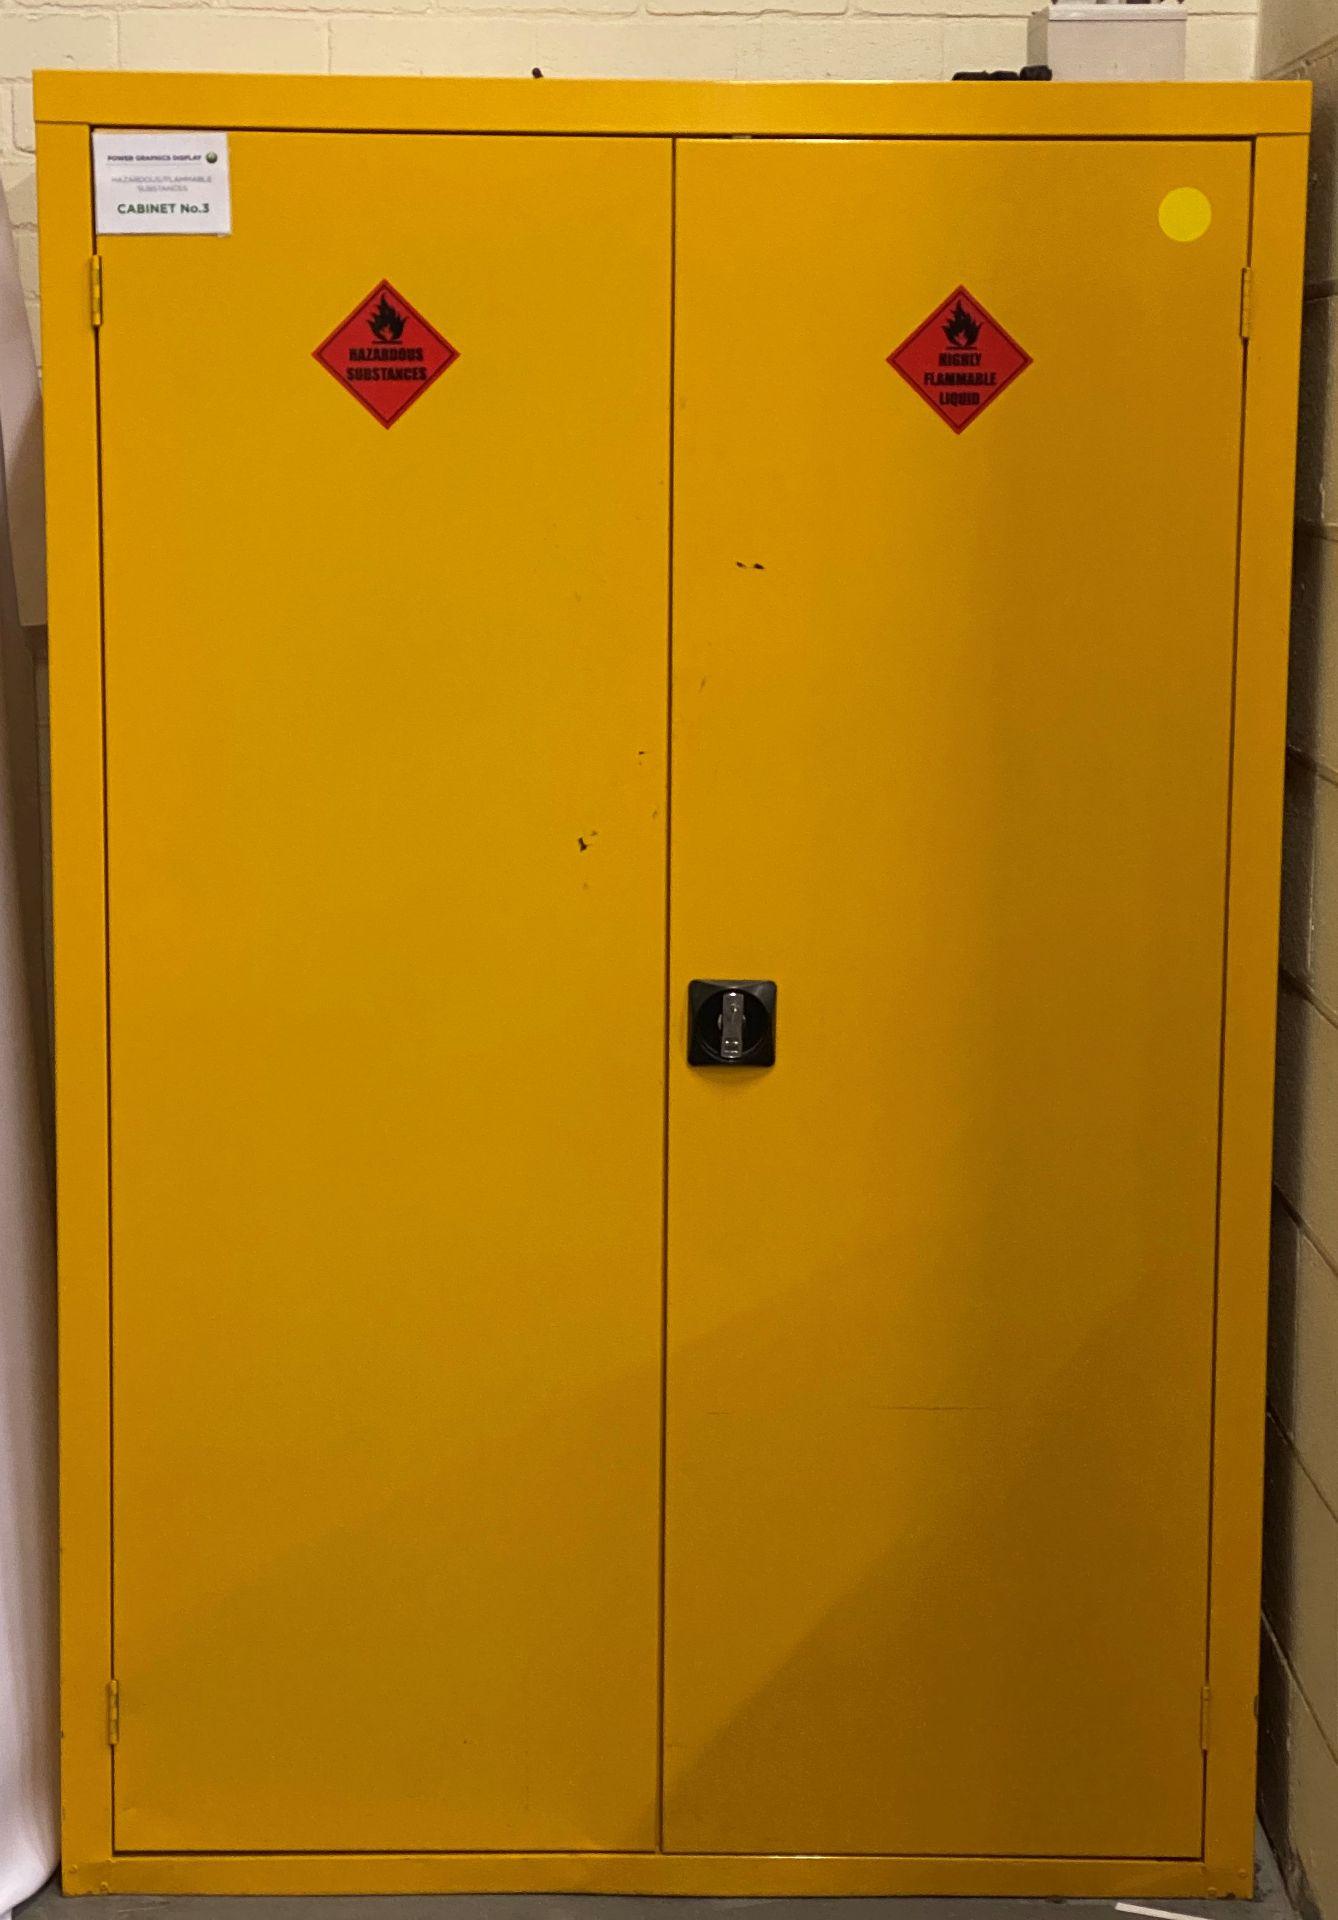 A 2 door yellow hazardous substances cabinet and contents - 180cm x 120cm